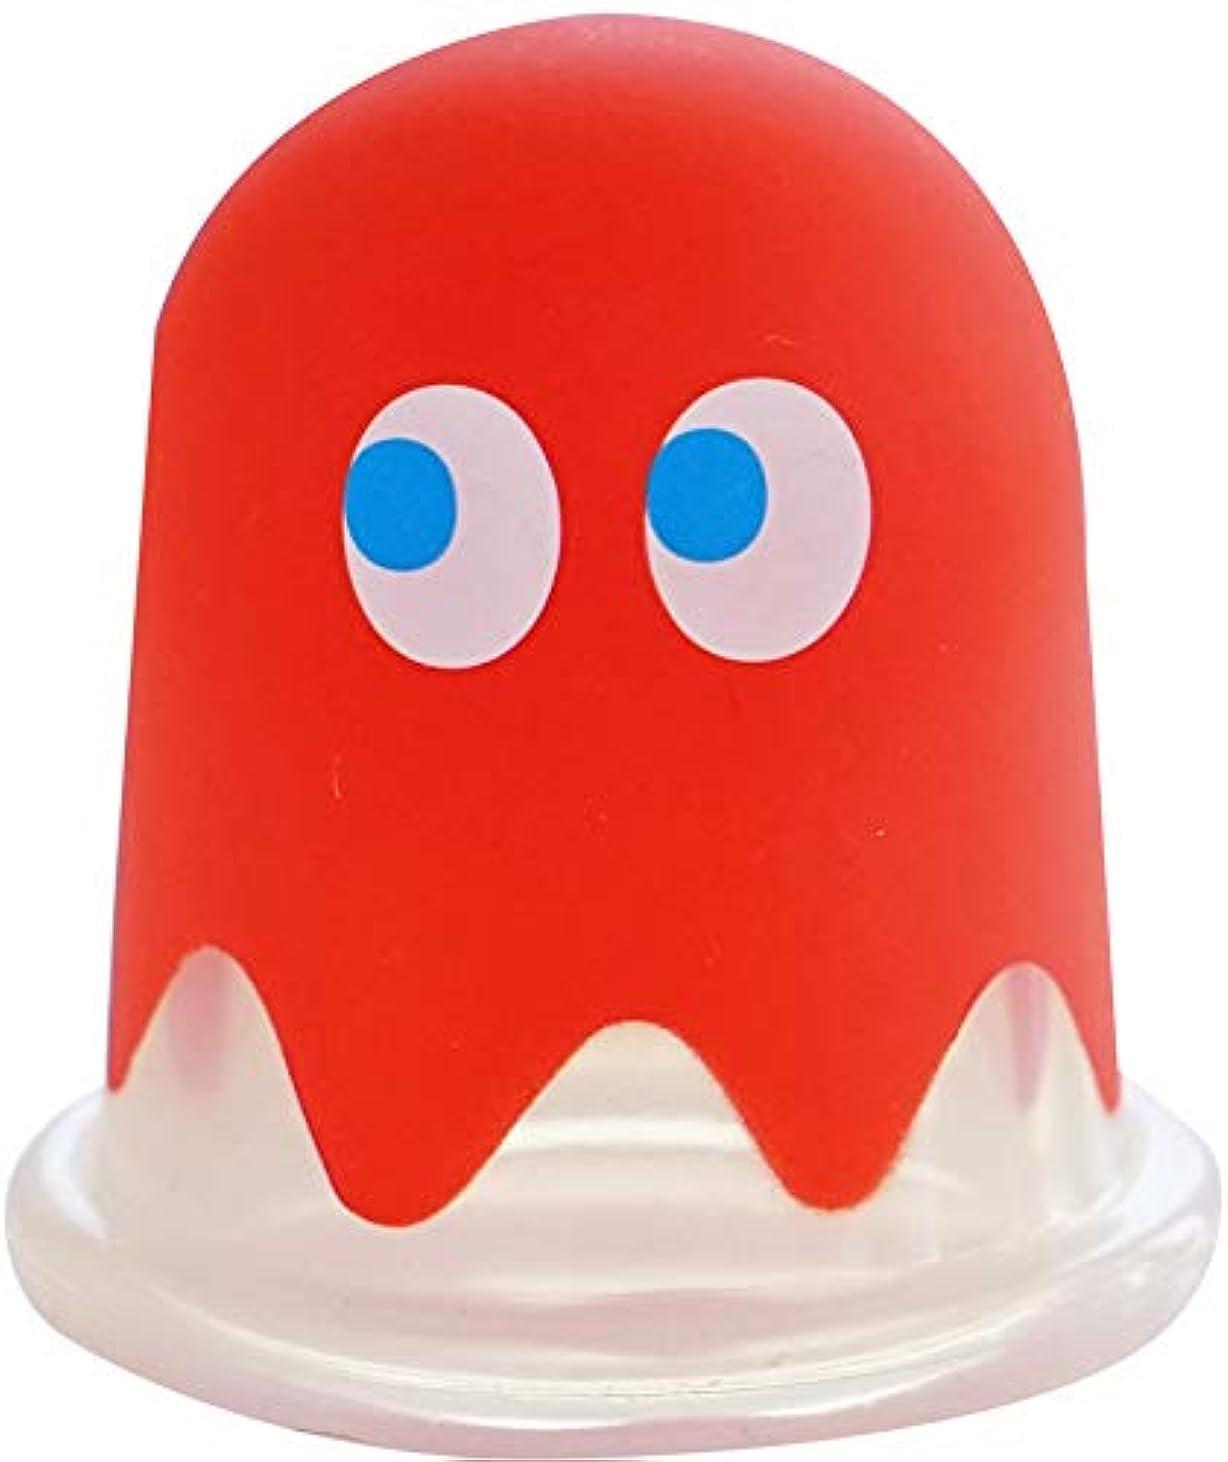 通知する手首苦セルカップ RED-レッド